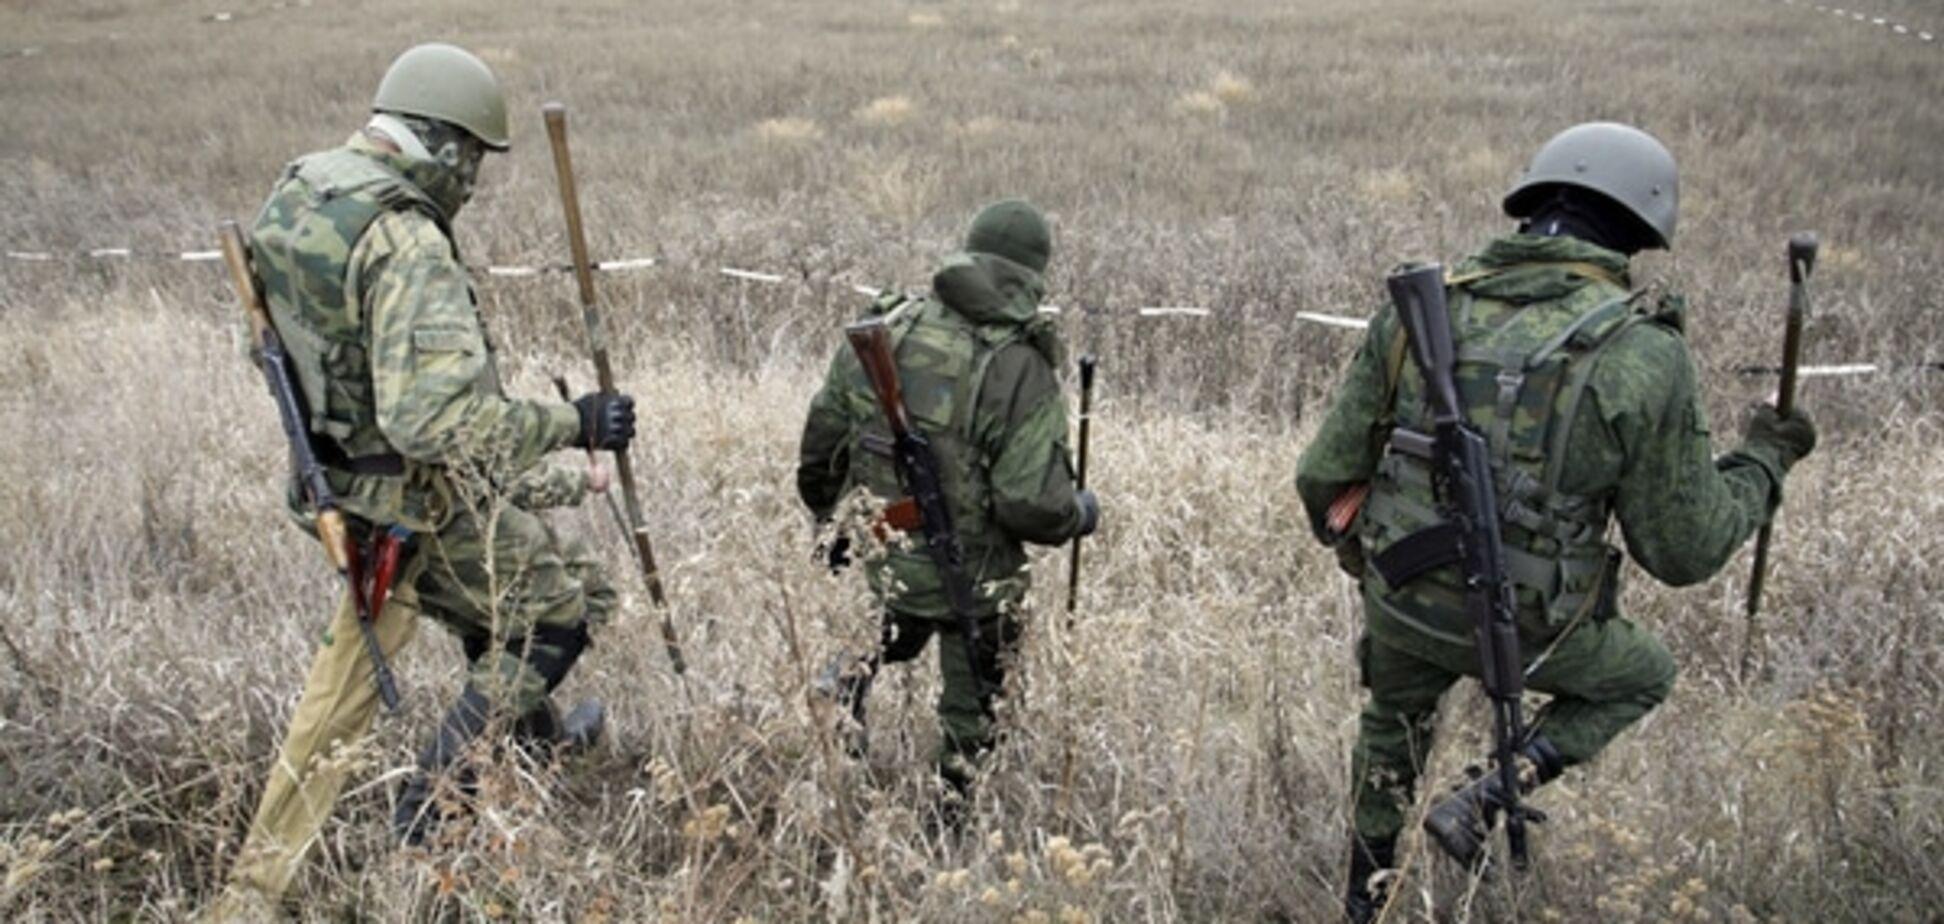 Терористи посилили обстріли на Донбасі: поранено п'ять бійців АТО